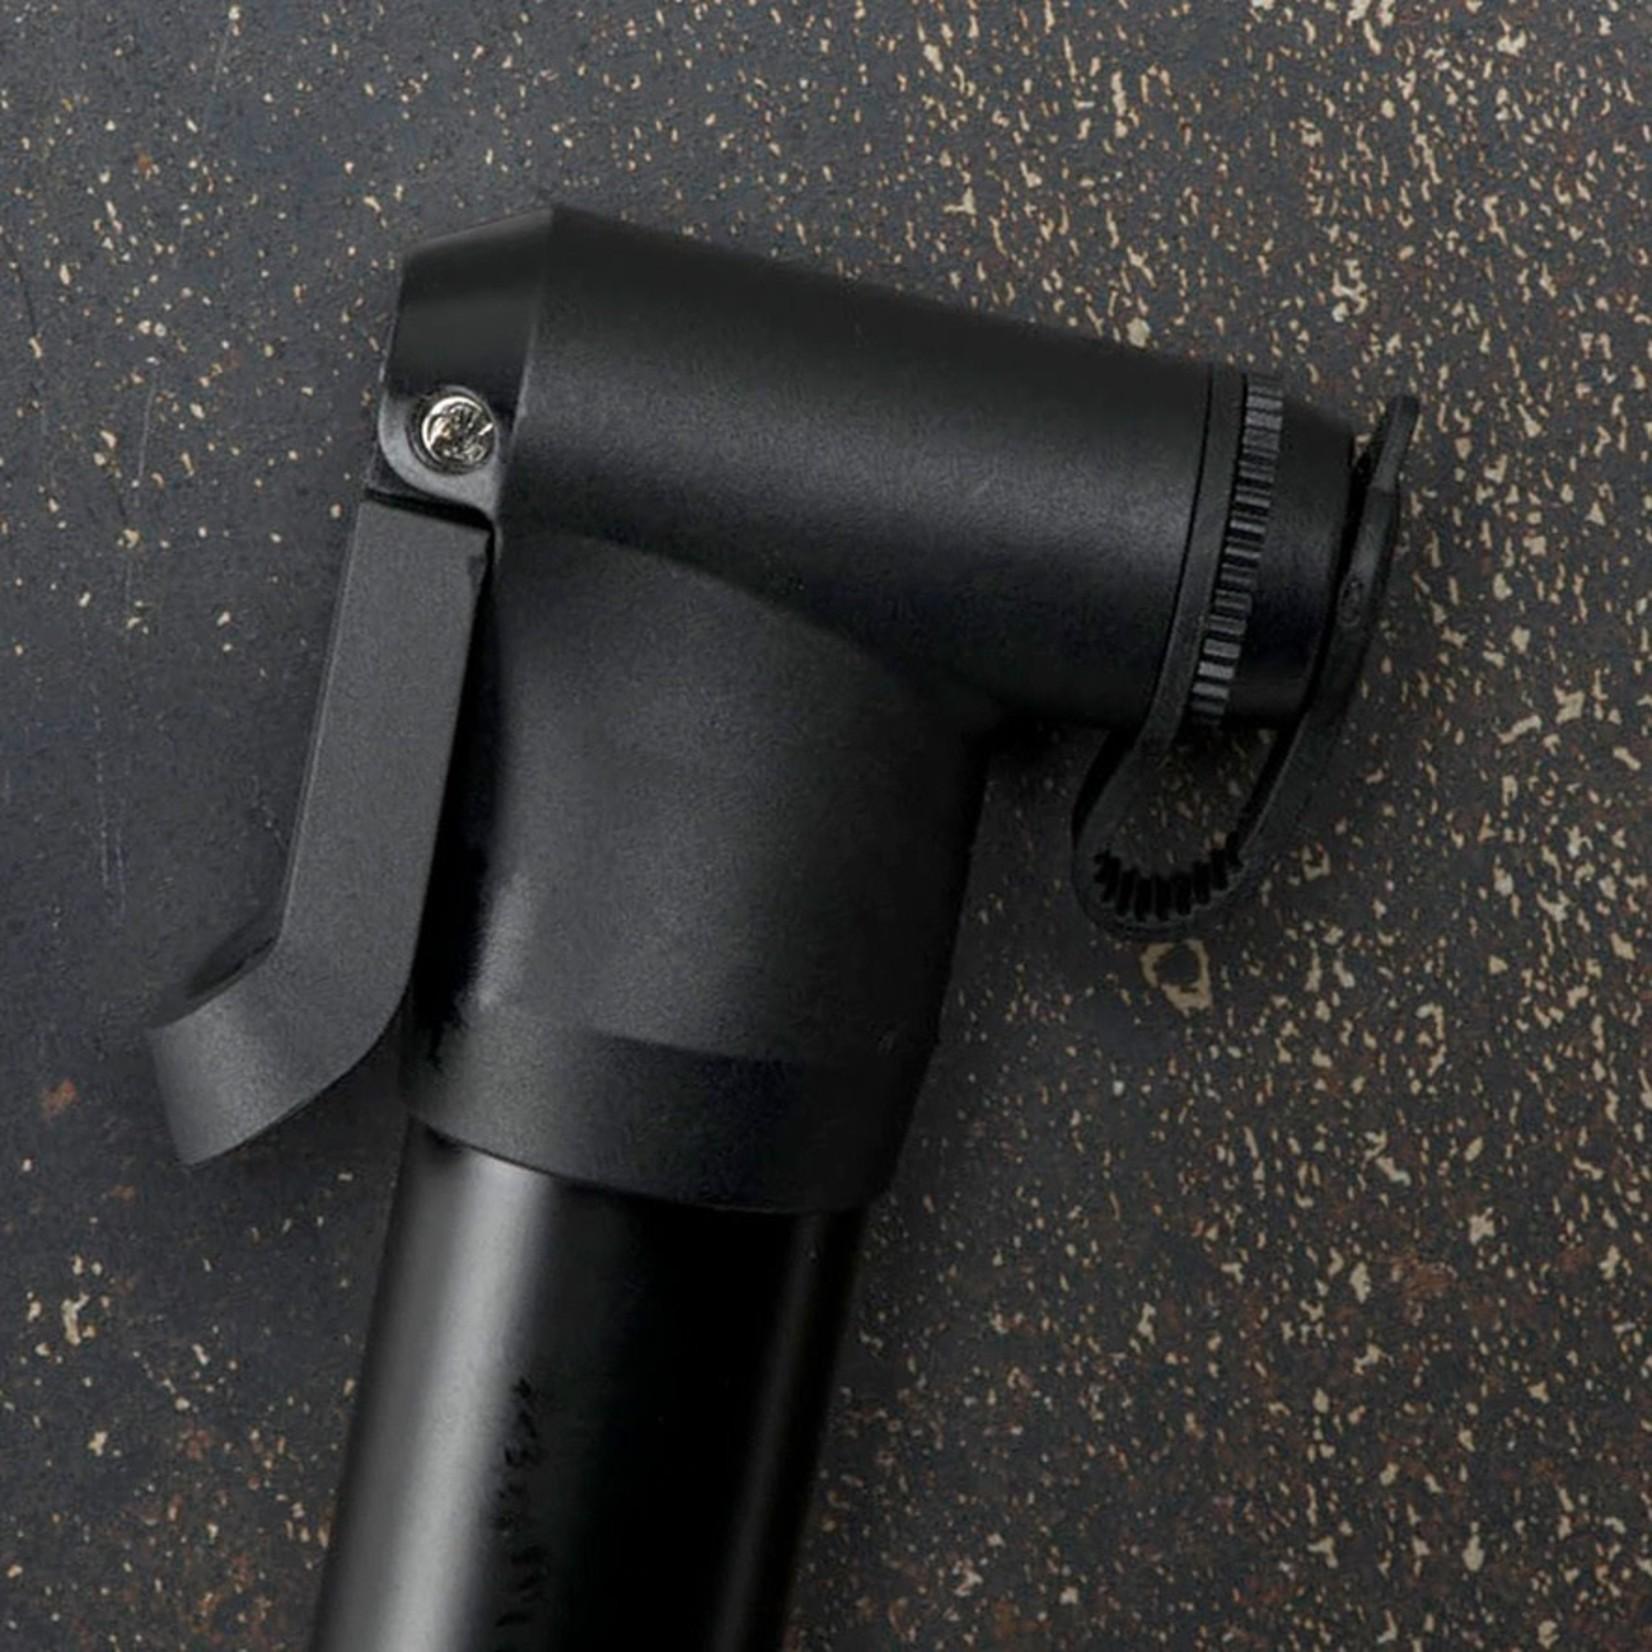 BLACKBURN BlackBurn, Mouantain Anyvavle Mini Pump, Black